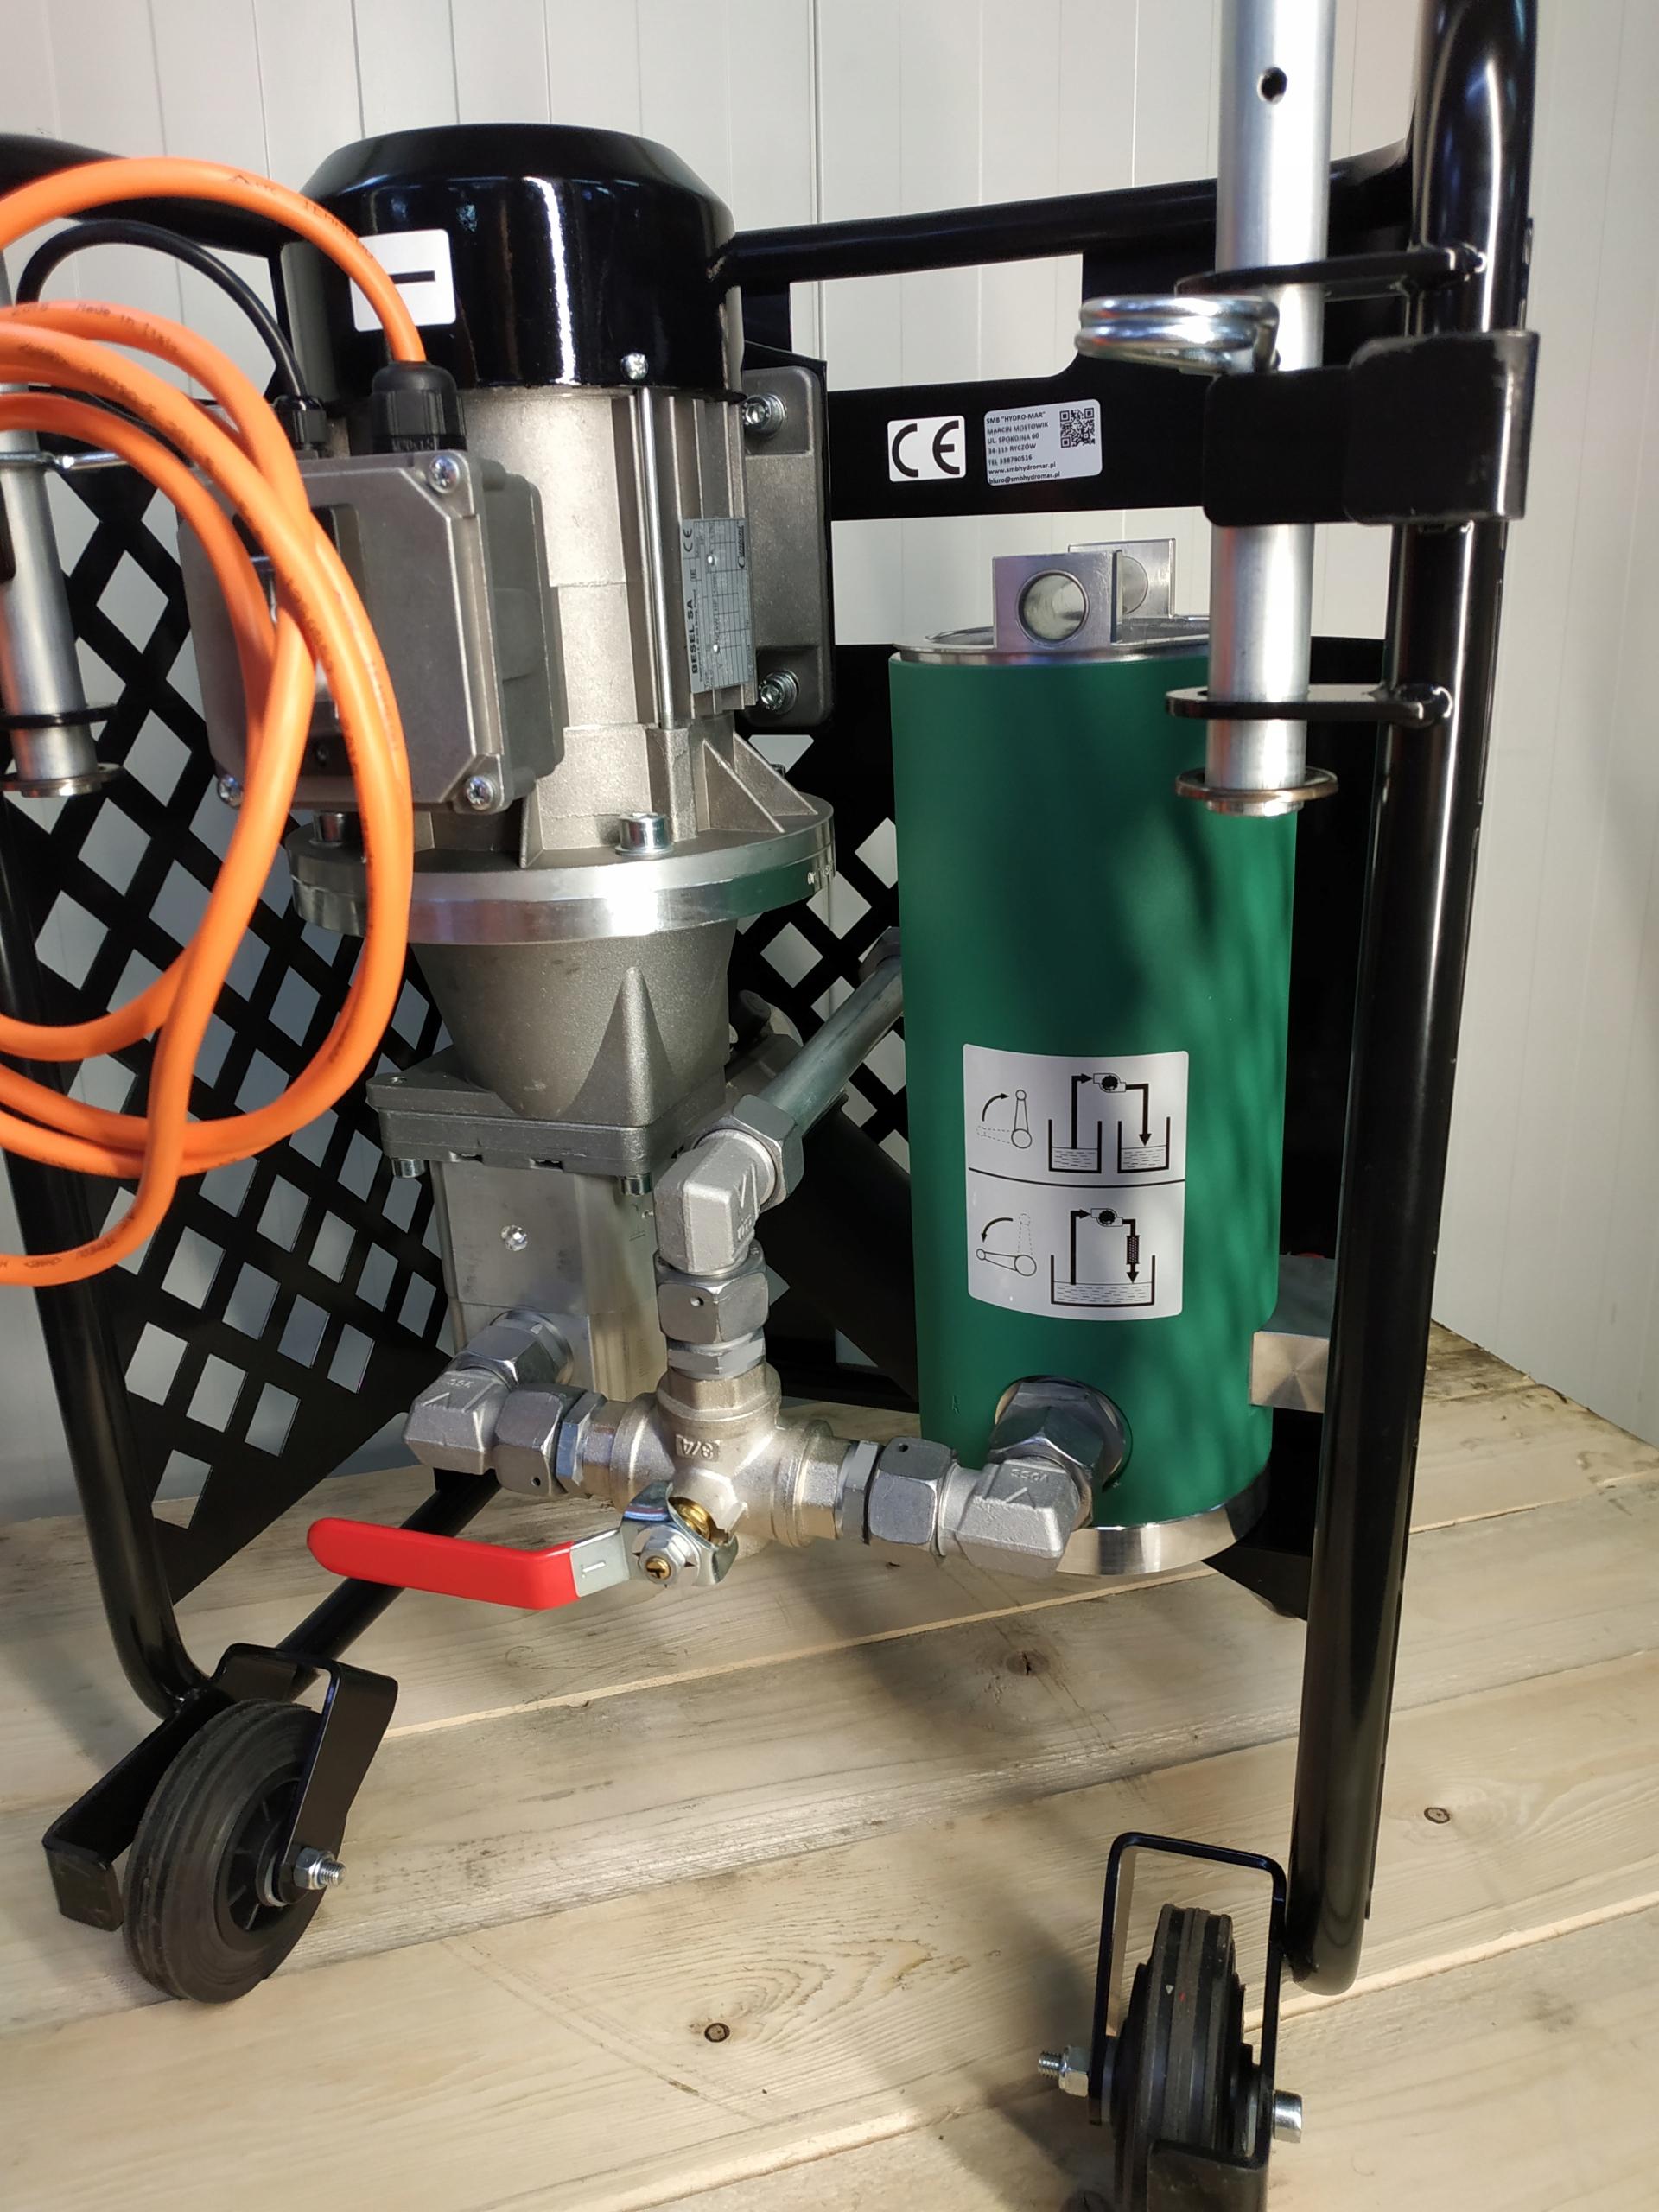 Agregat filtracyjny urządzenie filtrujące MAR1-017